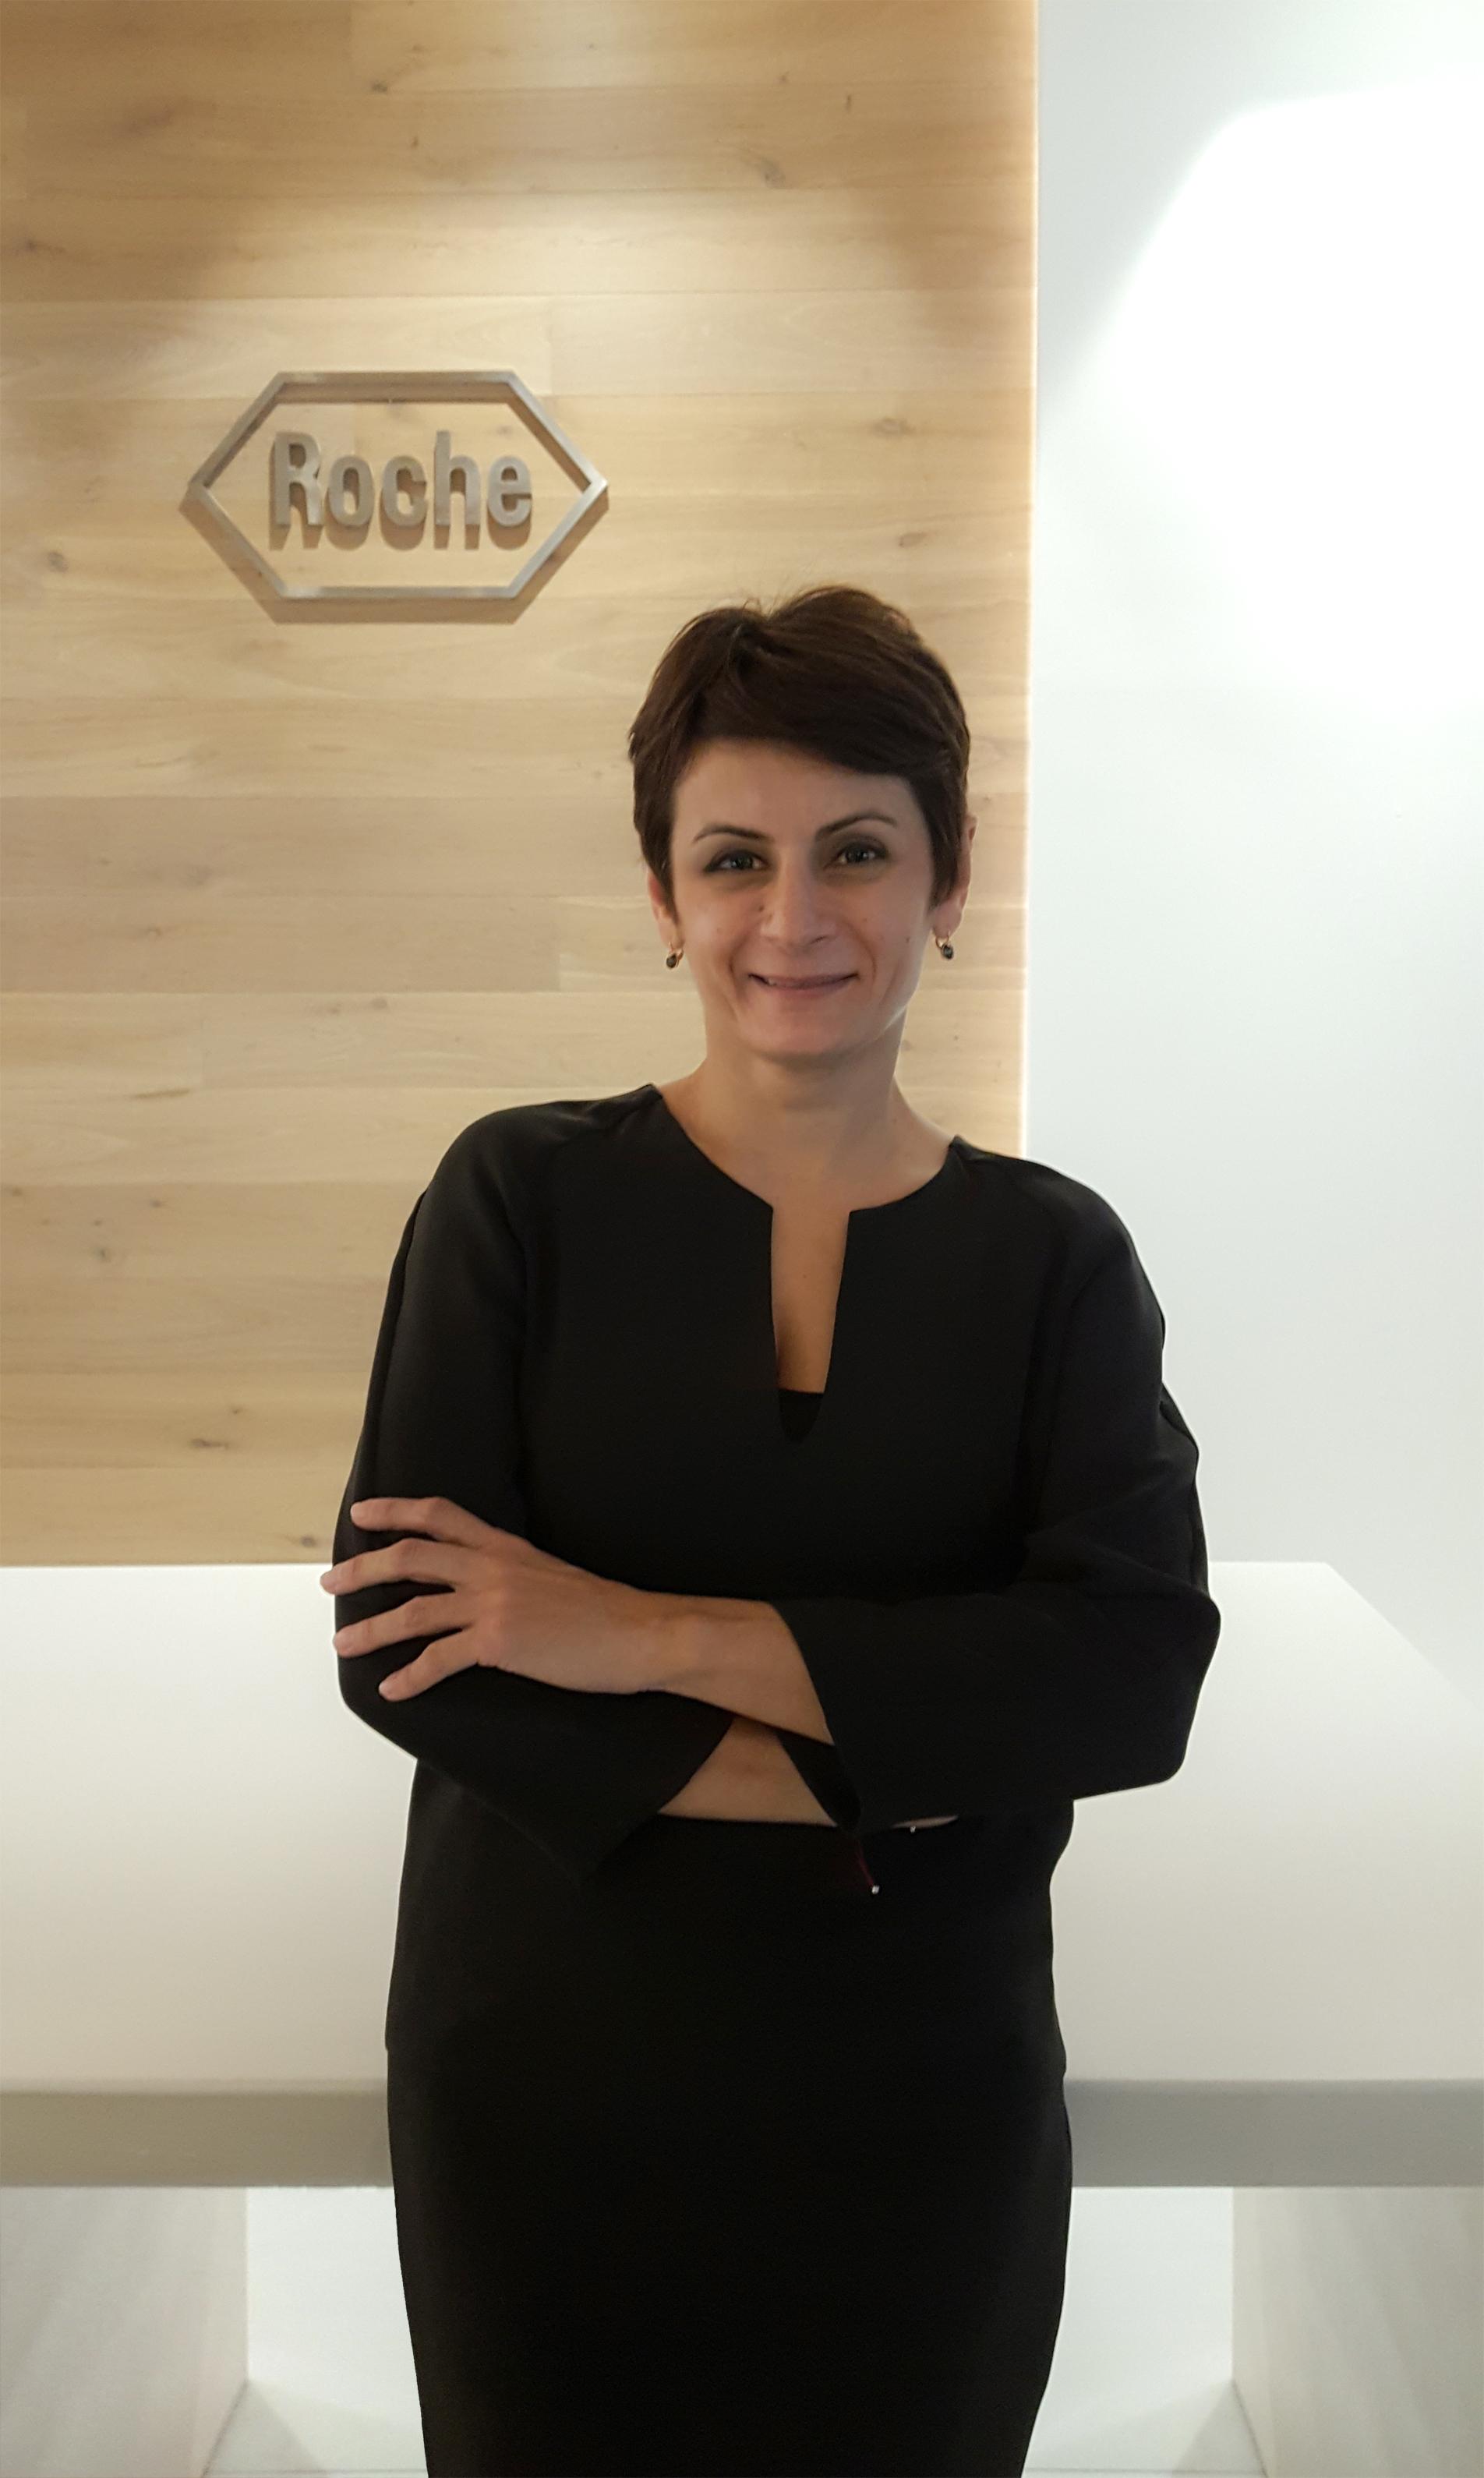 Photo of Roche İlaç Türkiye'nin İnsan Kaynakları Direktörlüğü'ne yeni atama